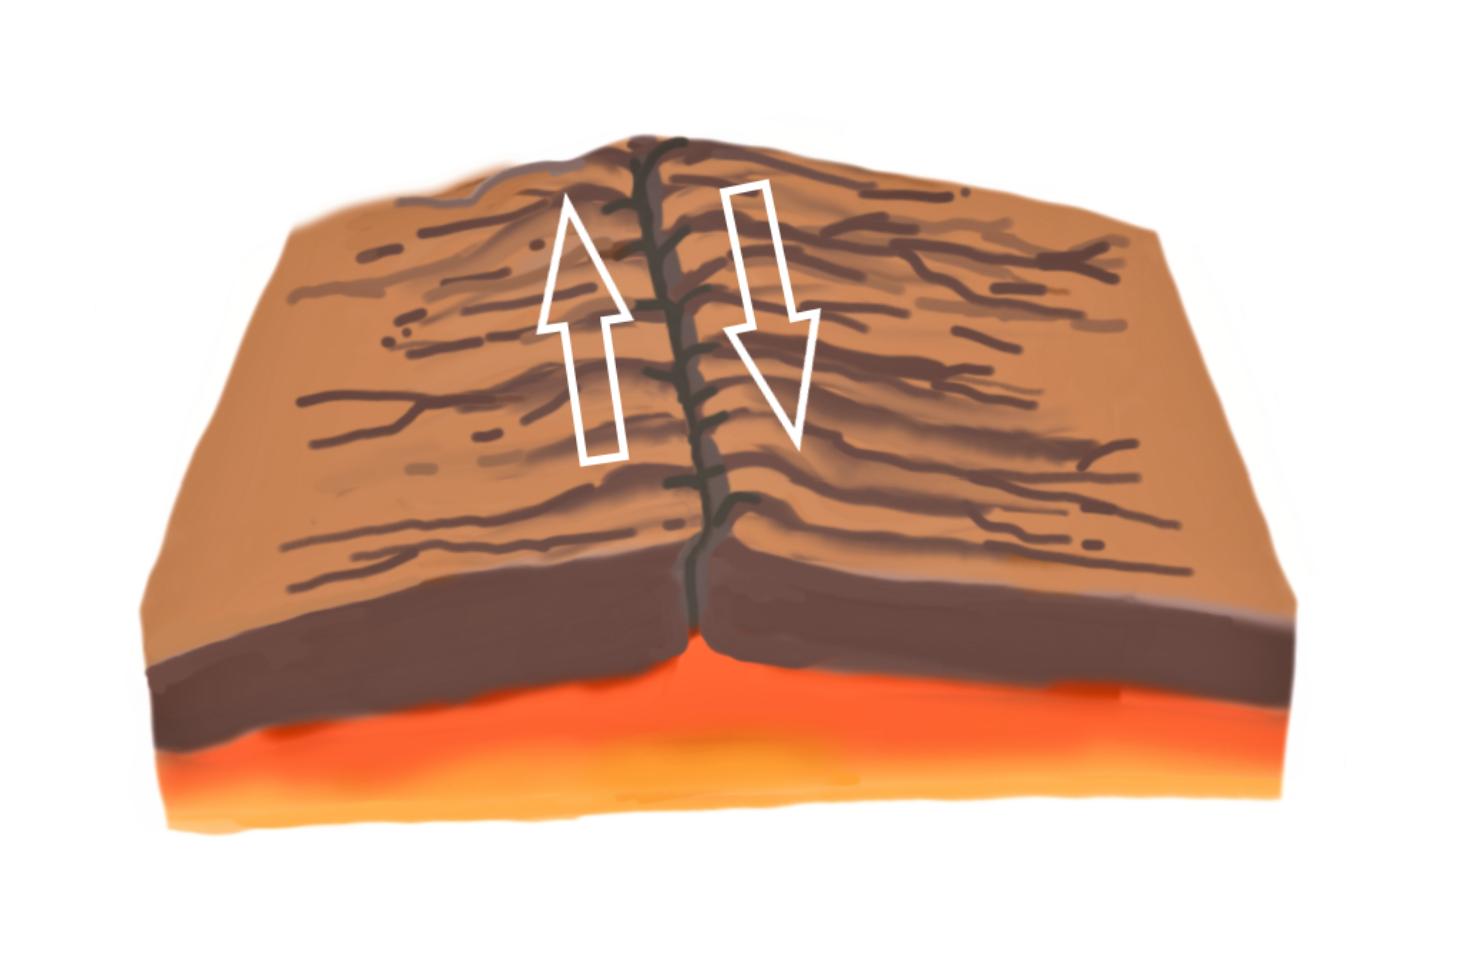 Transformstörung - aneinander vorbeigleitende Platten